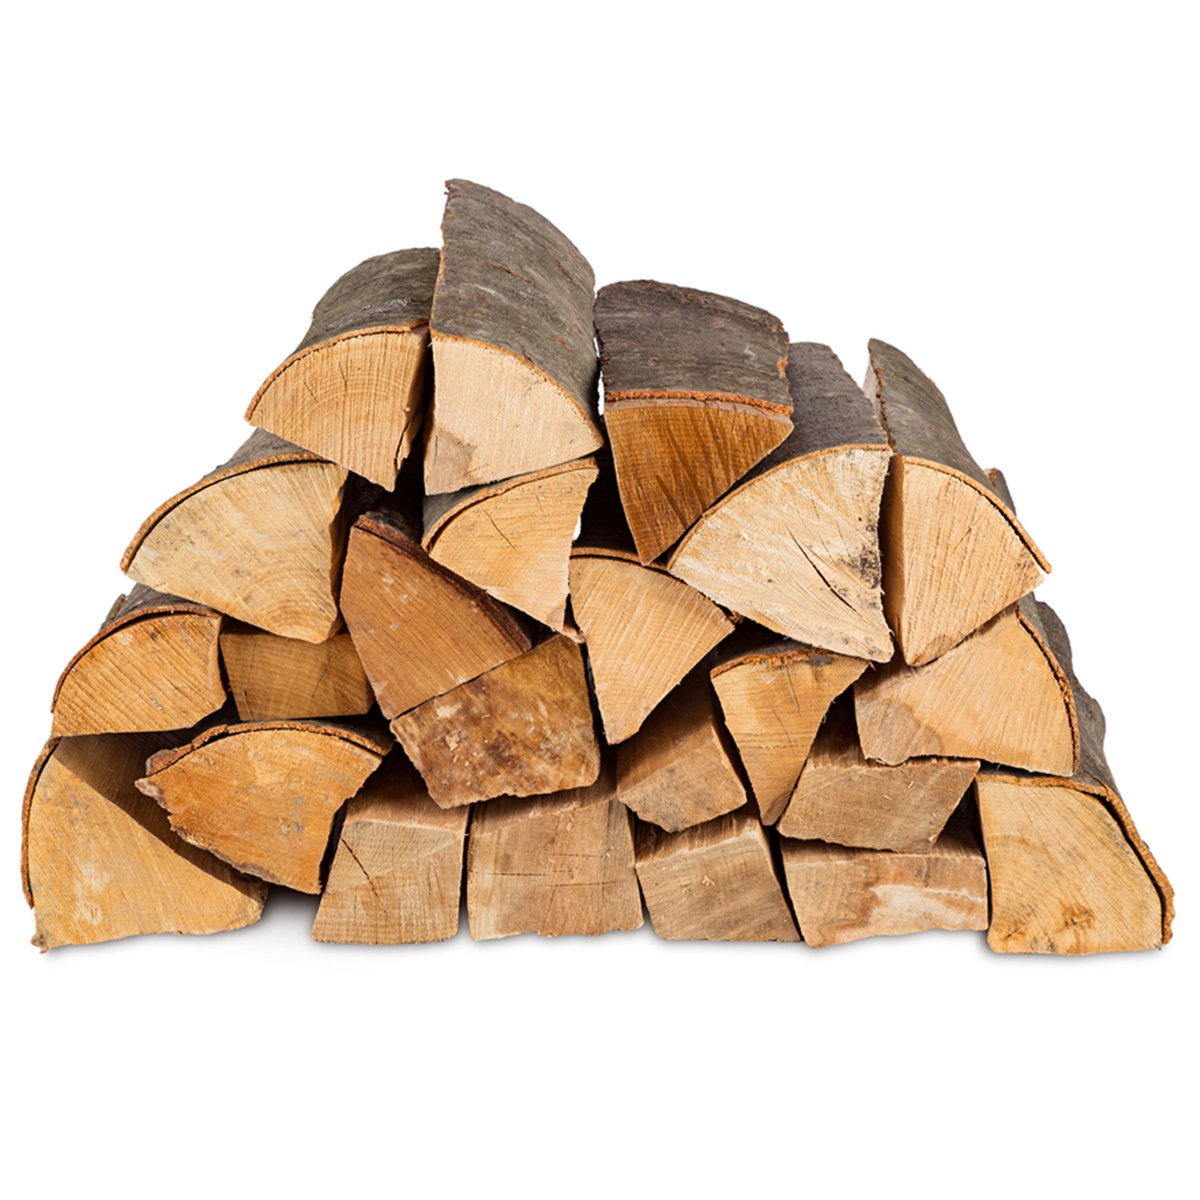 100kg (4x25kg) Brennholz & 100 Bioanzünder - Kaminholz 100% Buchenholz Feuerholz 25cm - kammergetrocknet, ofenfertig und einsatzbereit + 100 Stück Anzünder BBQKontor